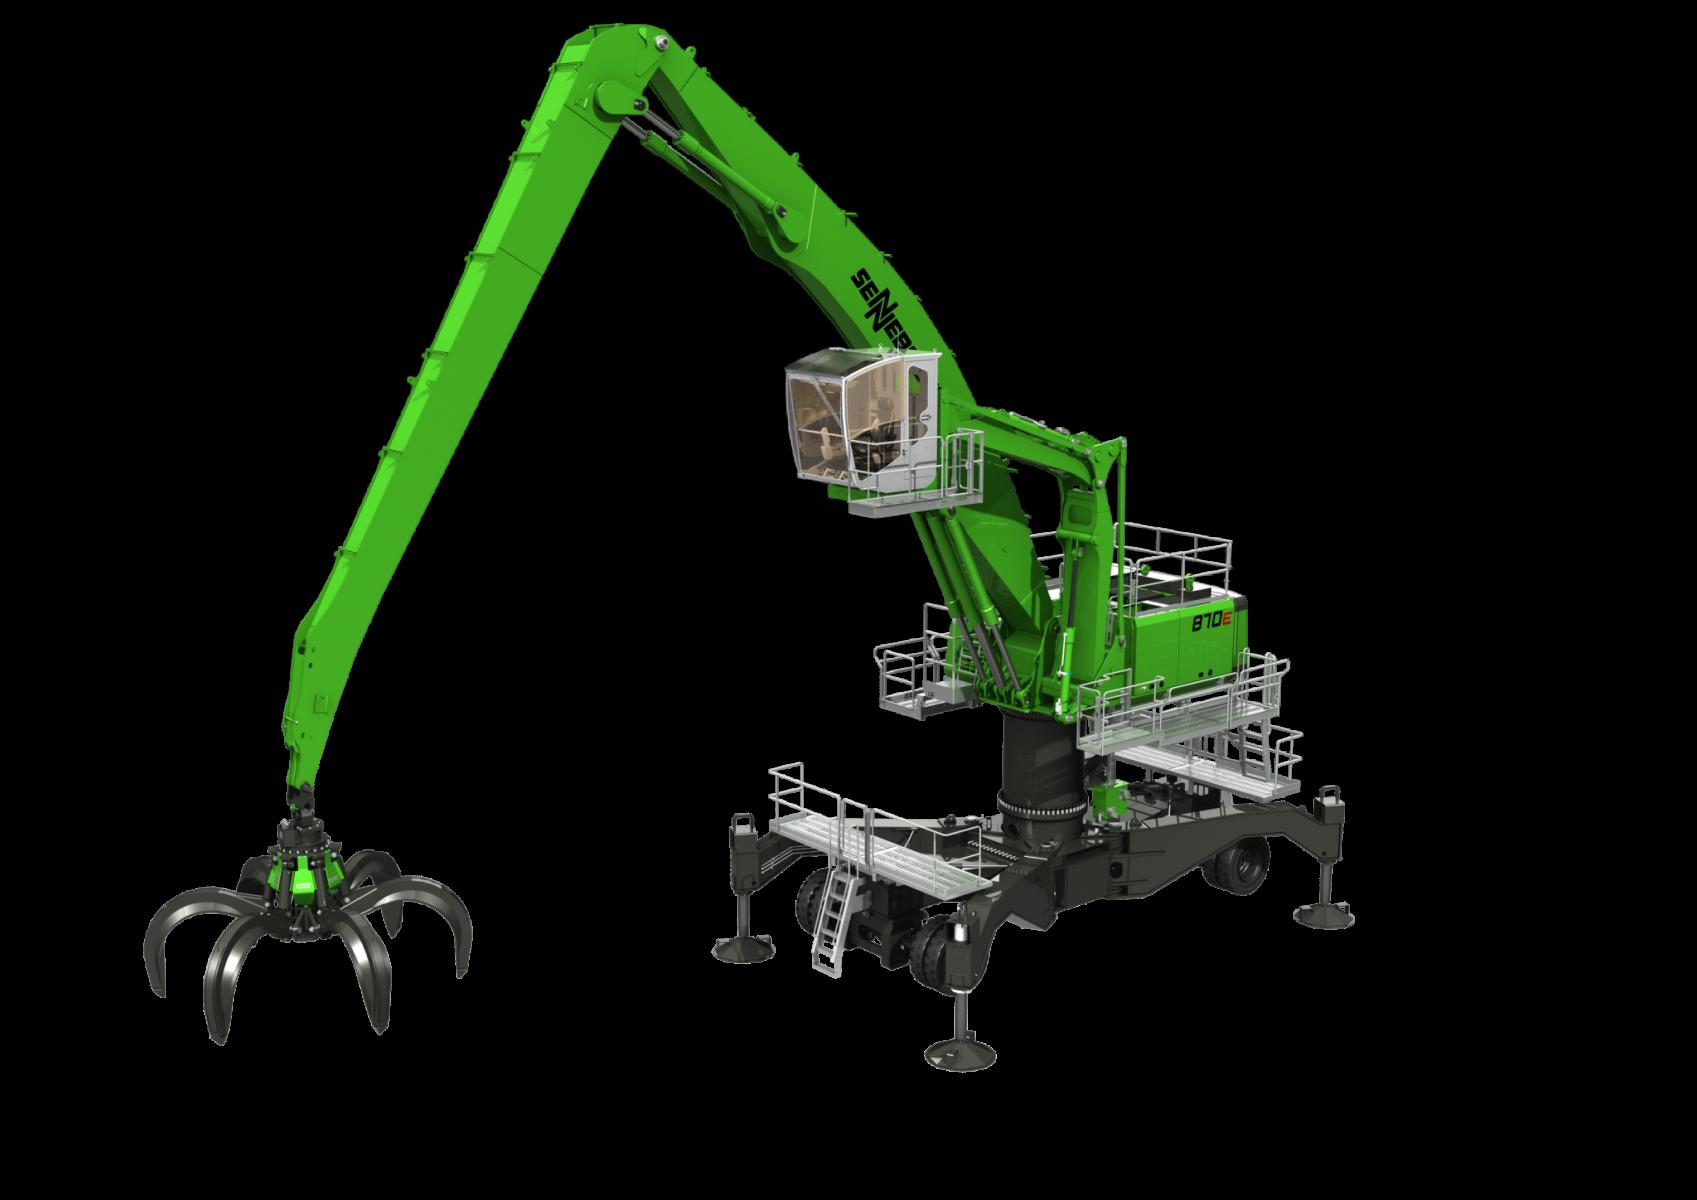 Sennebogen Material Handler 870 in action - SMT